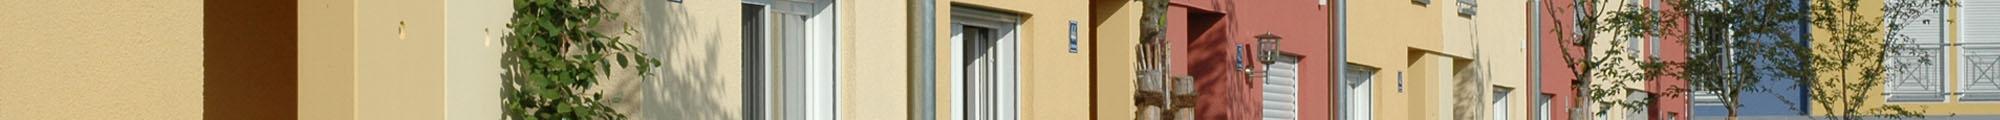 Slider Außenbereich von Oskar Seus Fassadengestaltung